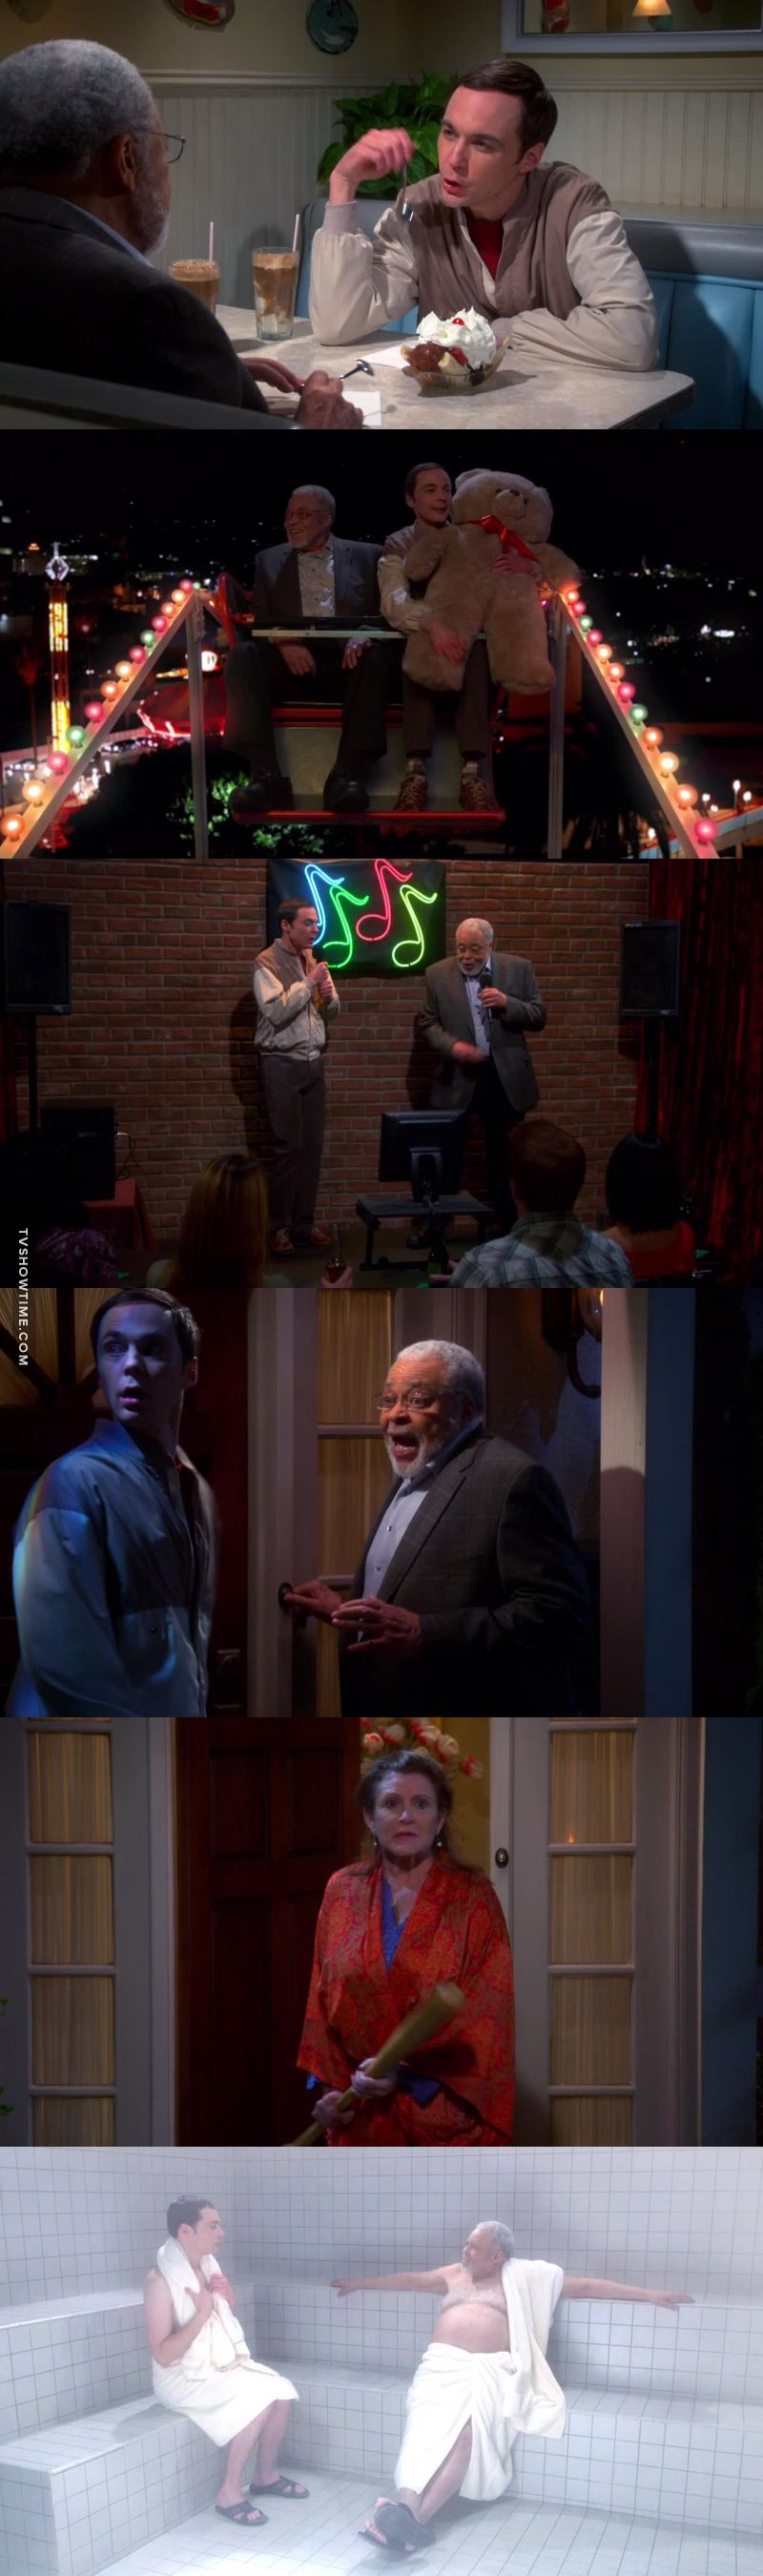 O primeiro famoso que não pedi uma ordem de restrição contra o Sheldon! Ele encontrou alguém que deu canseira nele! Maravilhoso esse episódio e poder rever a Carrie!